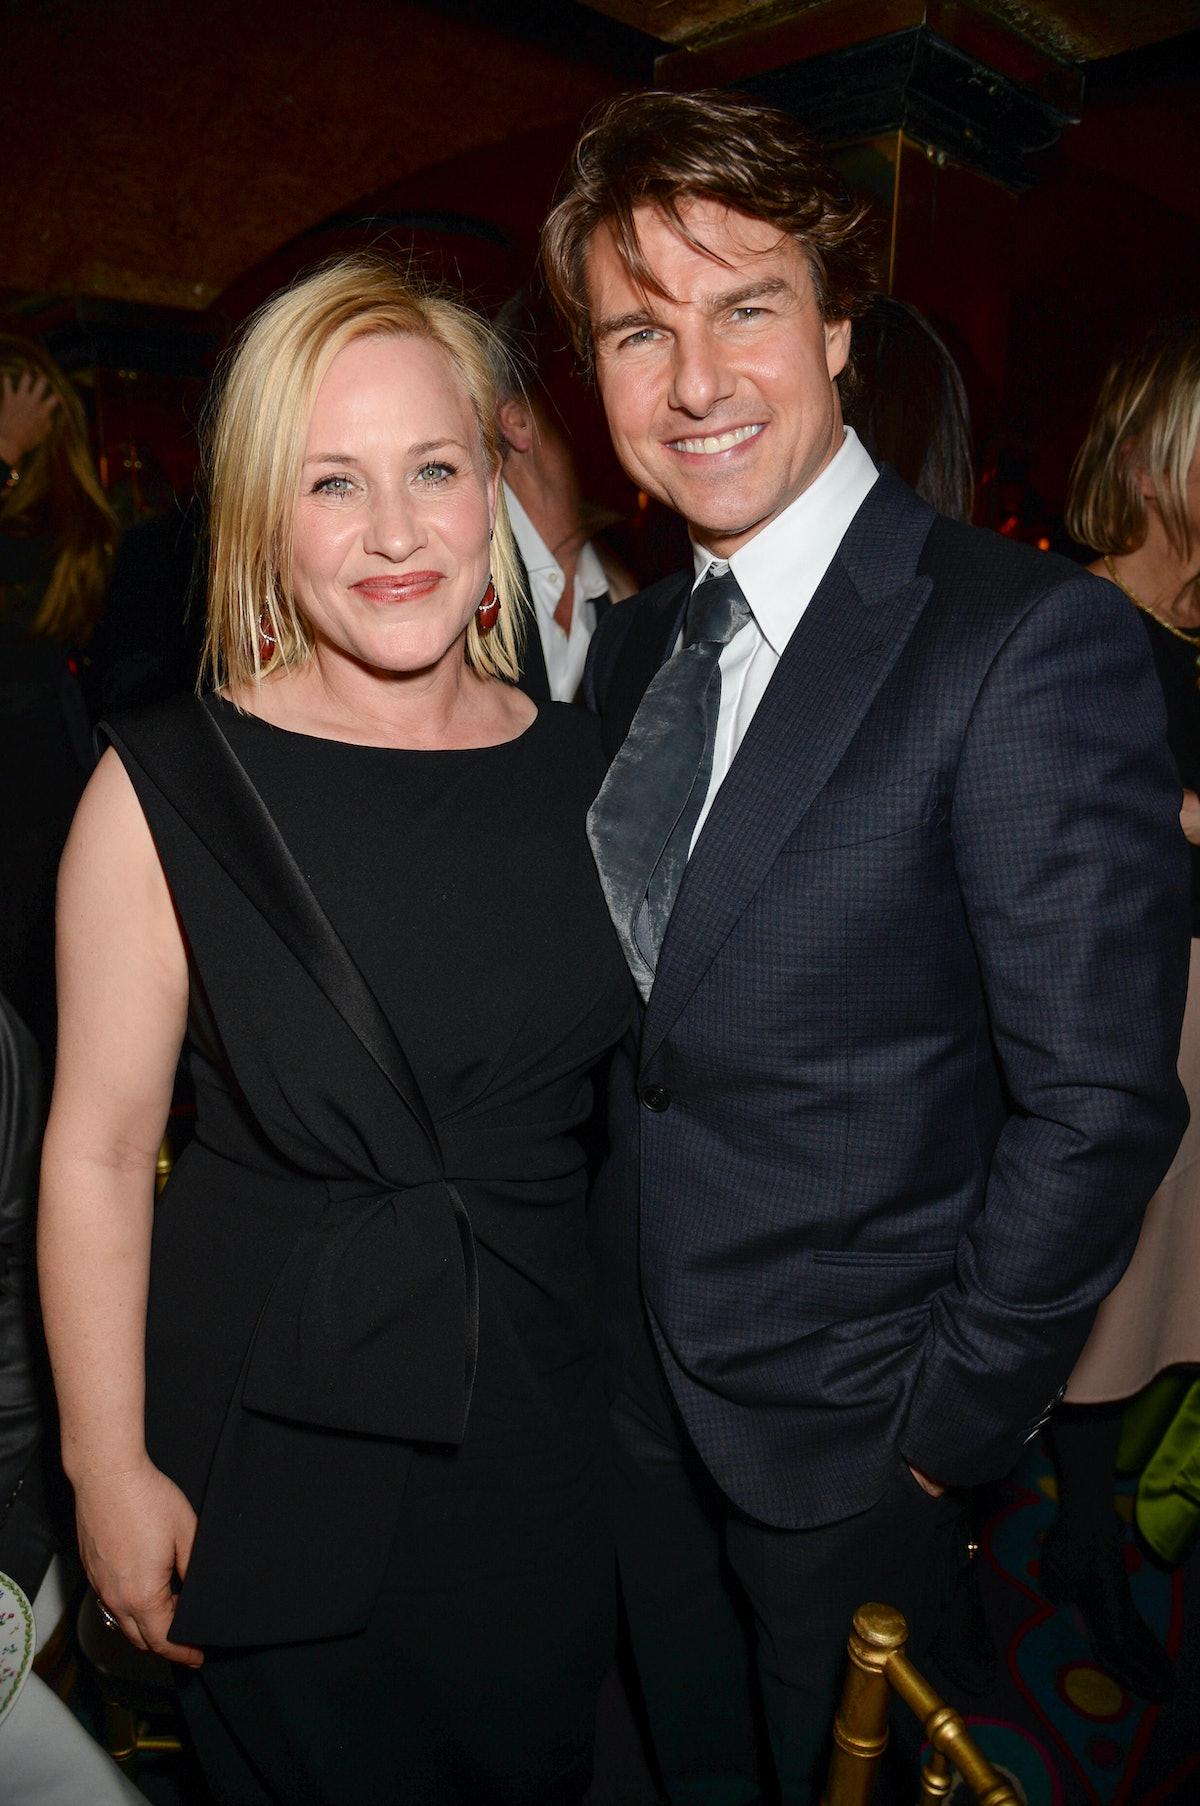 Patricia Arquette and Tom Cruise